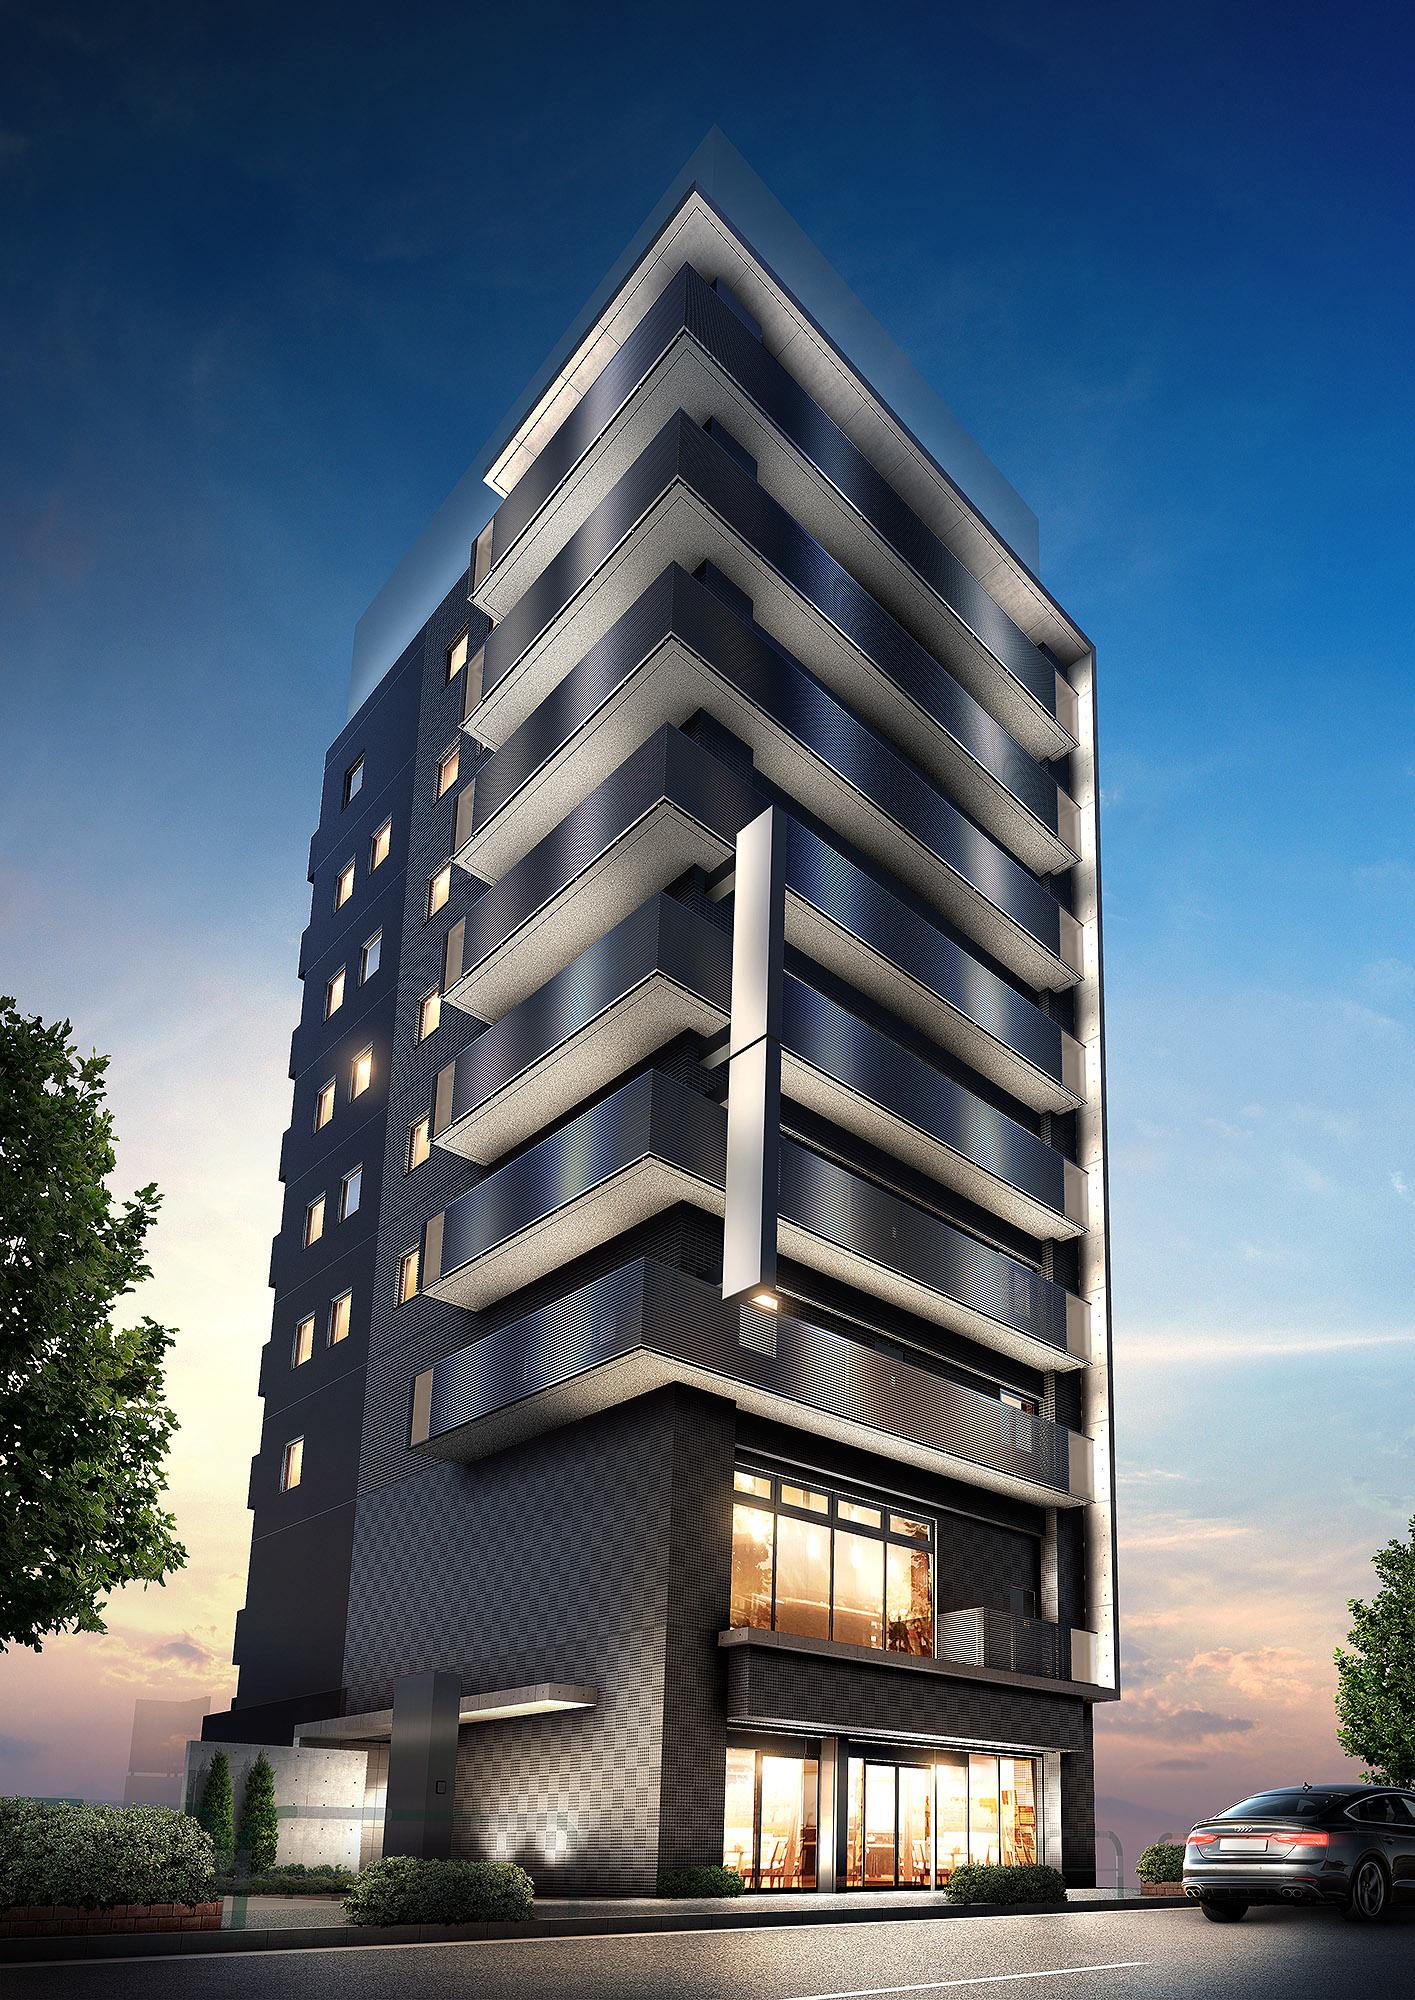 新築ビジネスホテル開発「大塚プロジェクト」コンサルティング業務完了のお知らせ